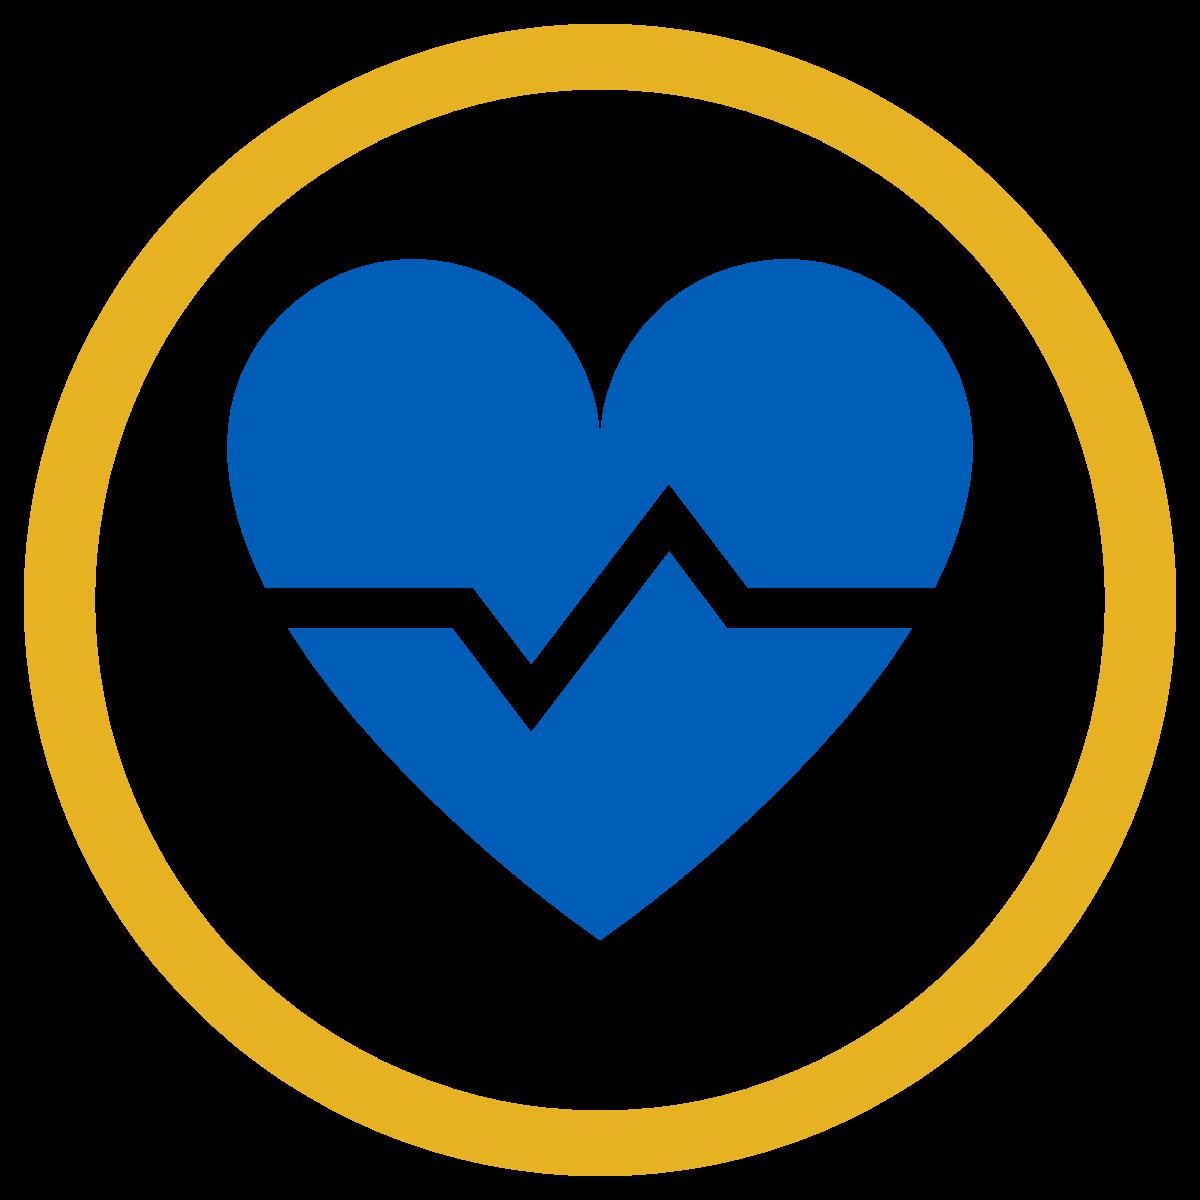 Heart atrial fibrillation